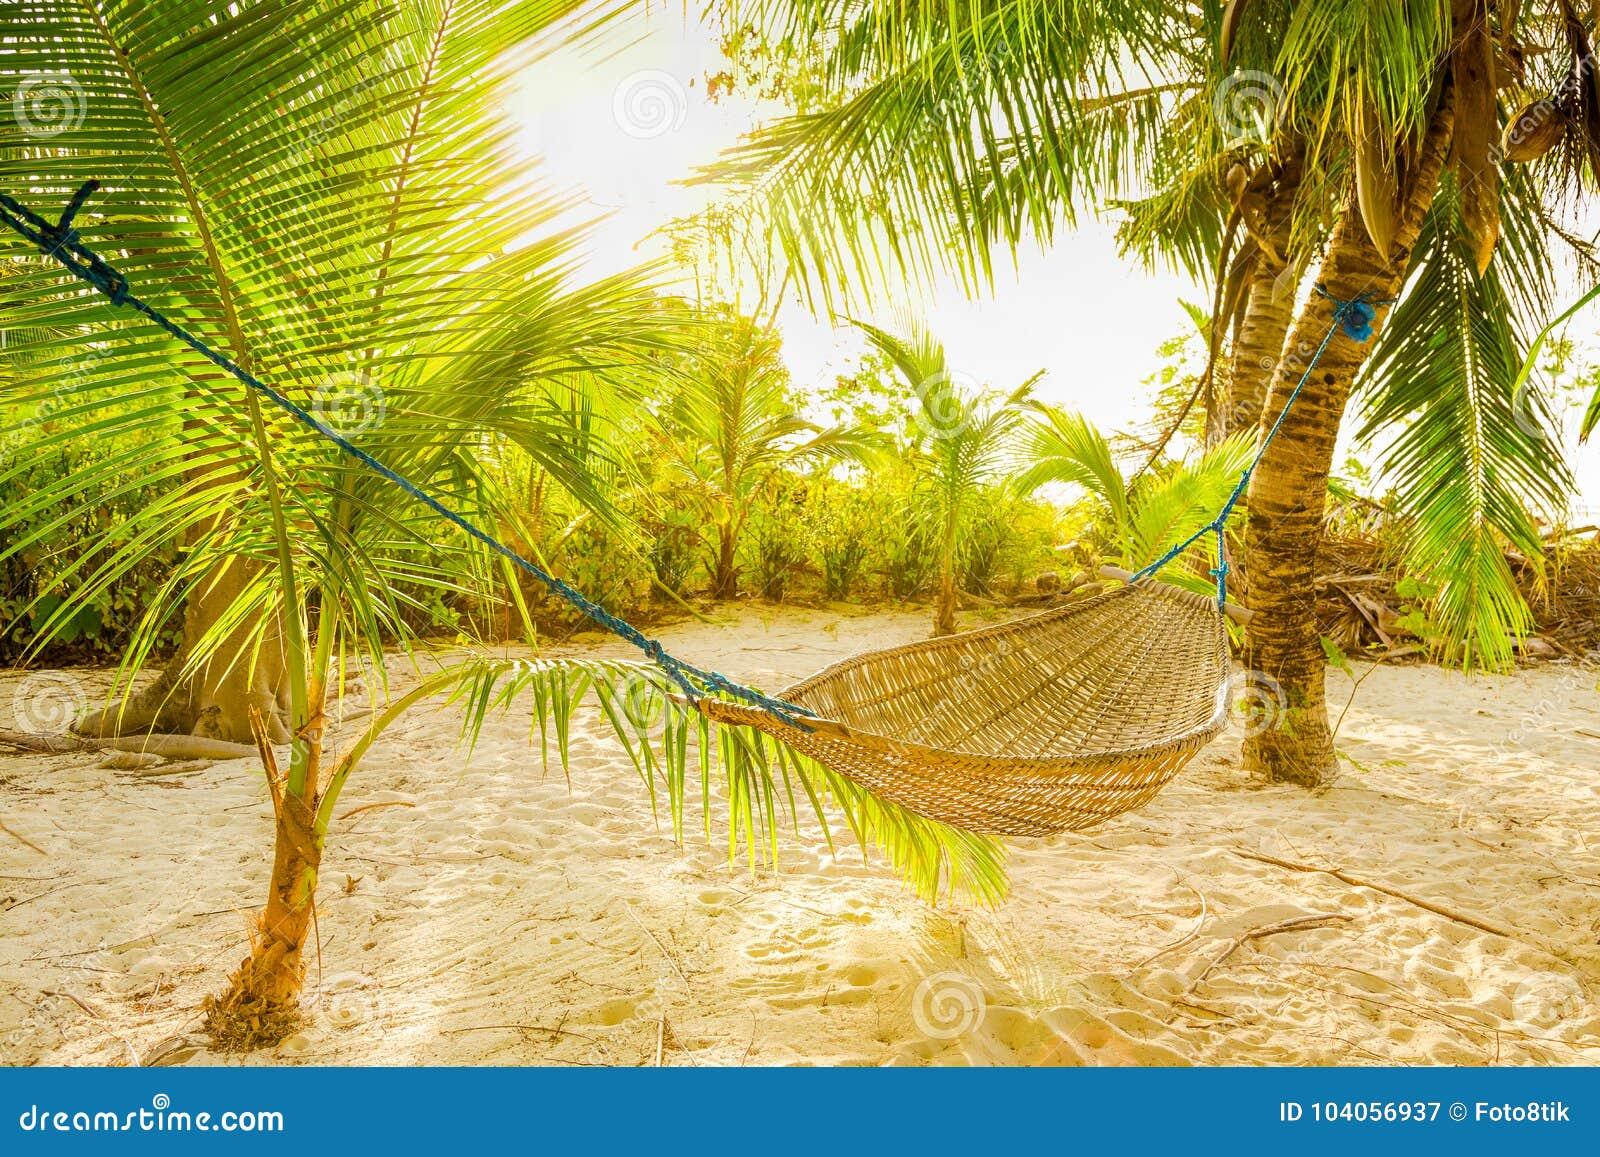 Traditionele gevlechte hangmat tussen palmen in de zon op een tropisch strand